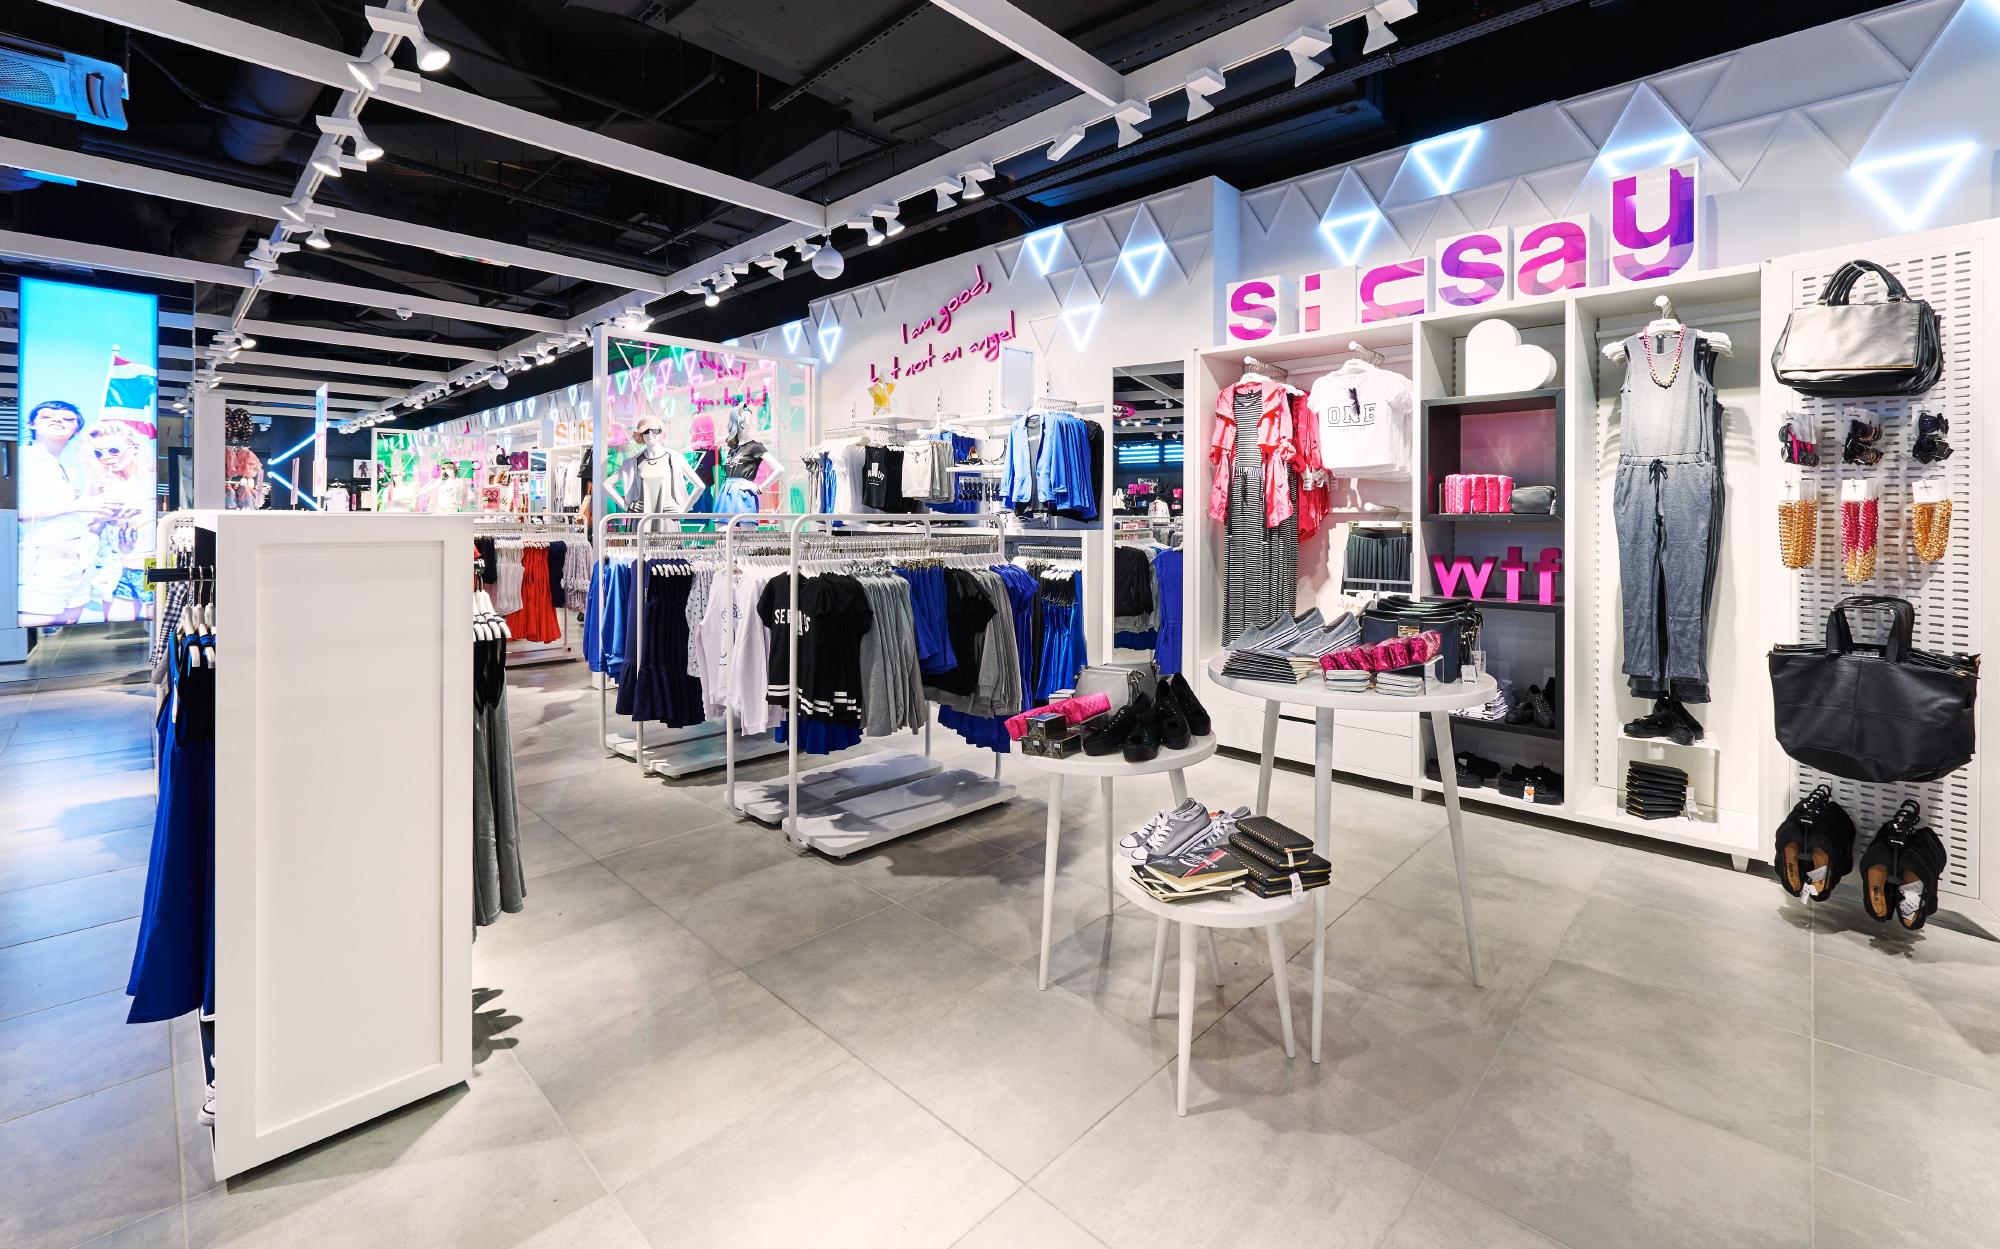 Brandul polonez de fashion Sinsay, parte a grupului LPP Fashion, a deschis un magazin în Botoşani, a zecea unitate inaugurată în 2020